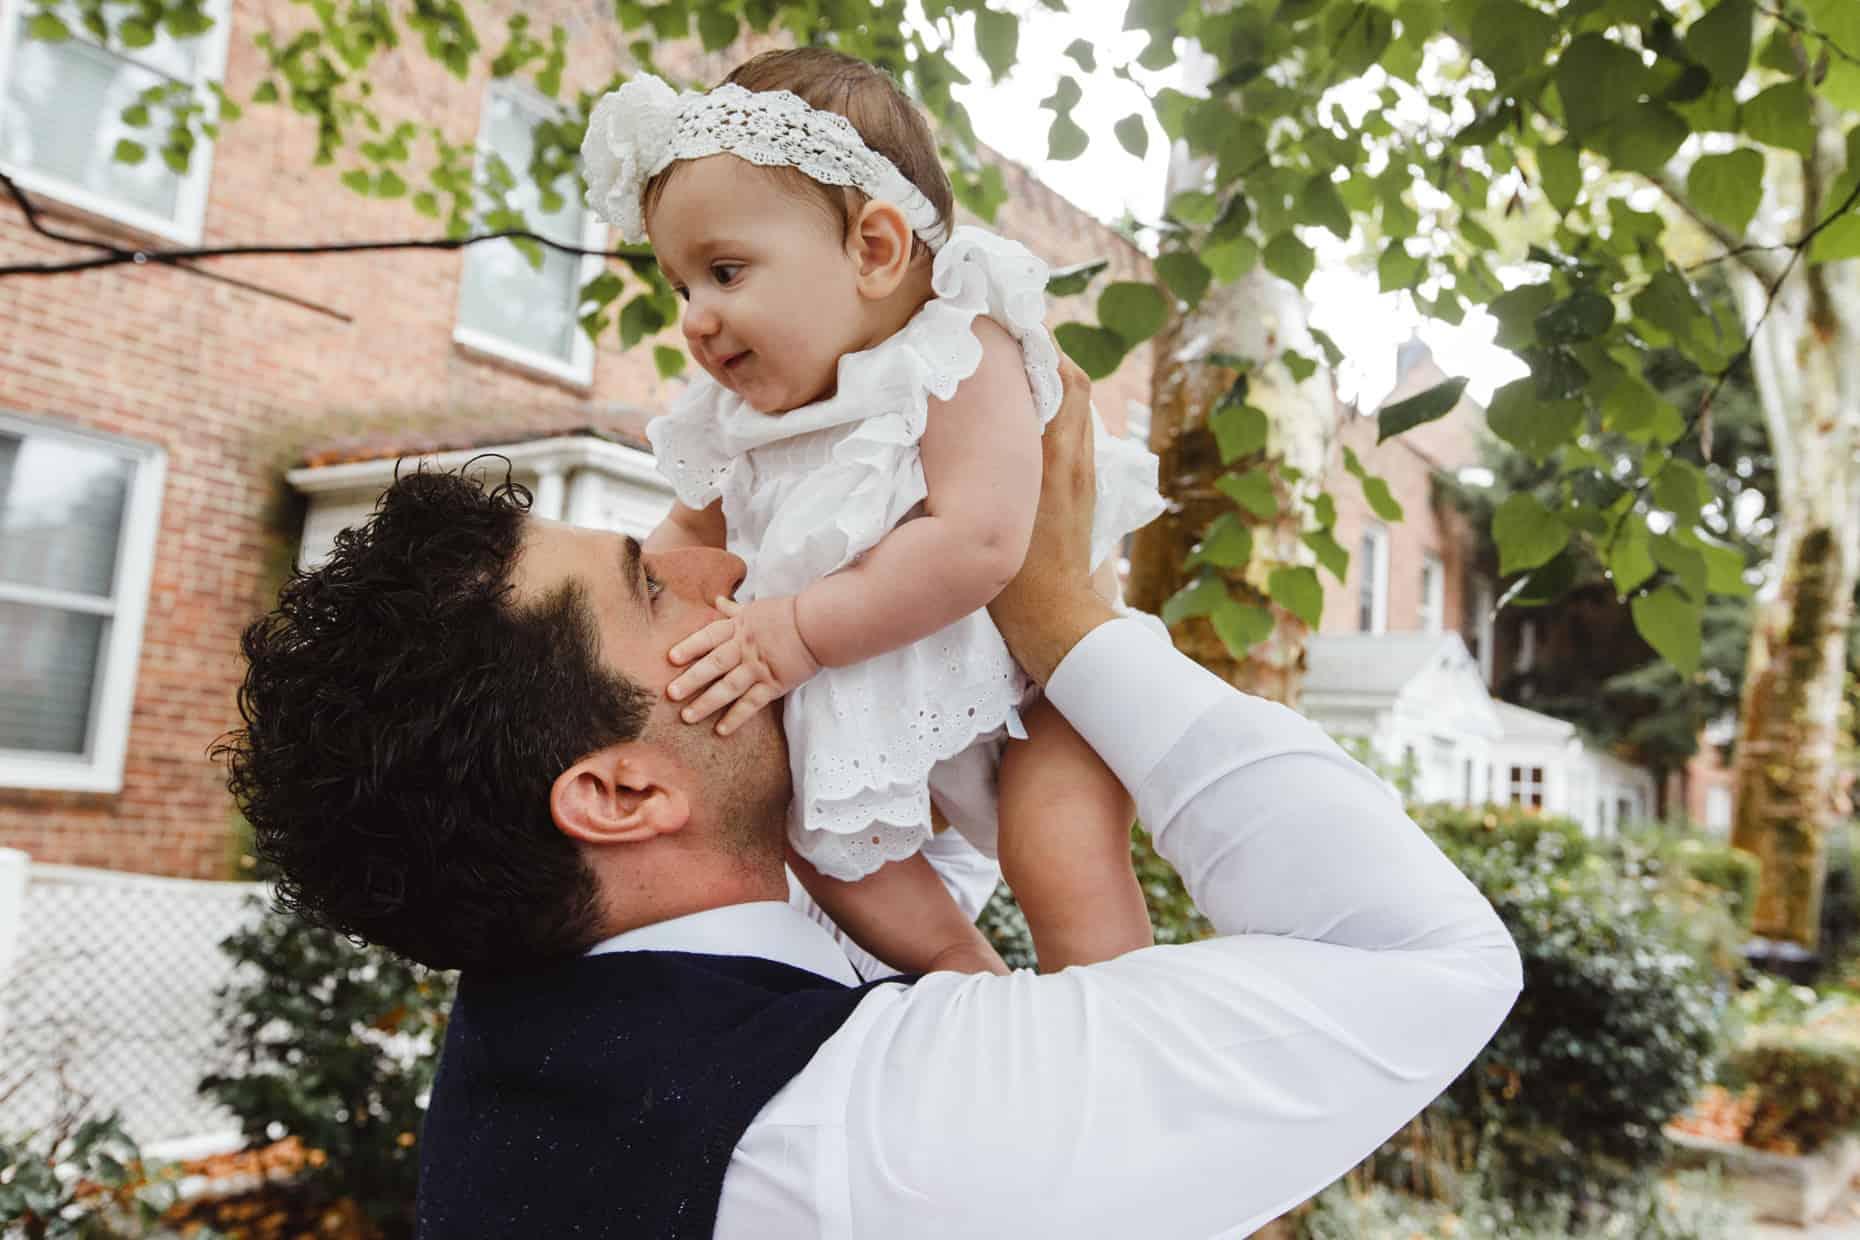 Philadelphia Baby Photo